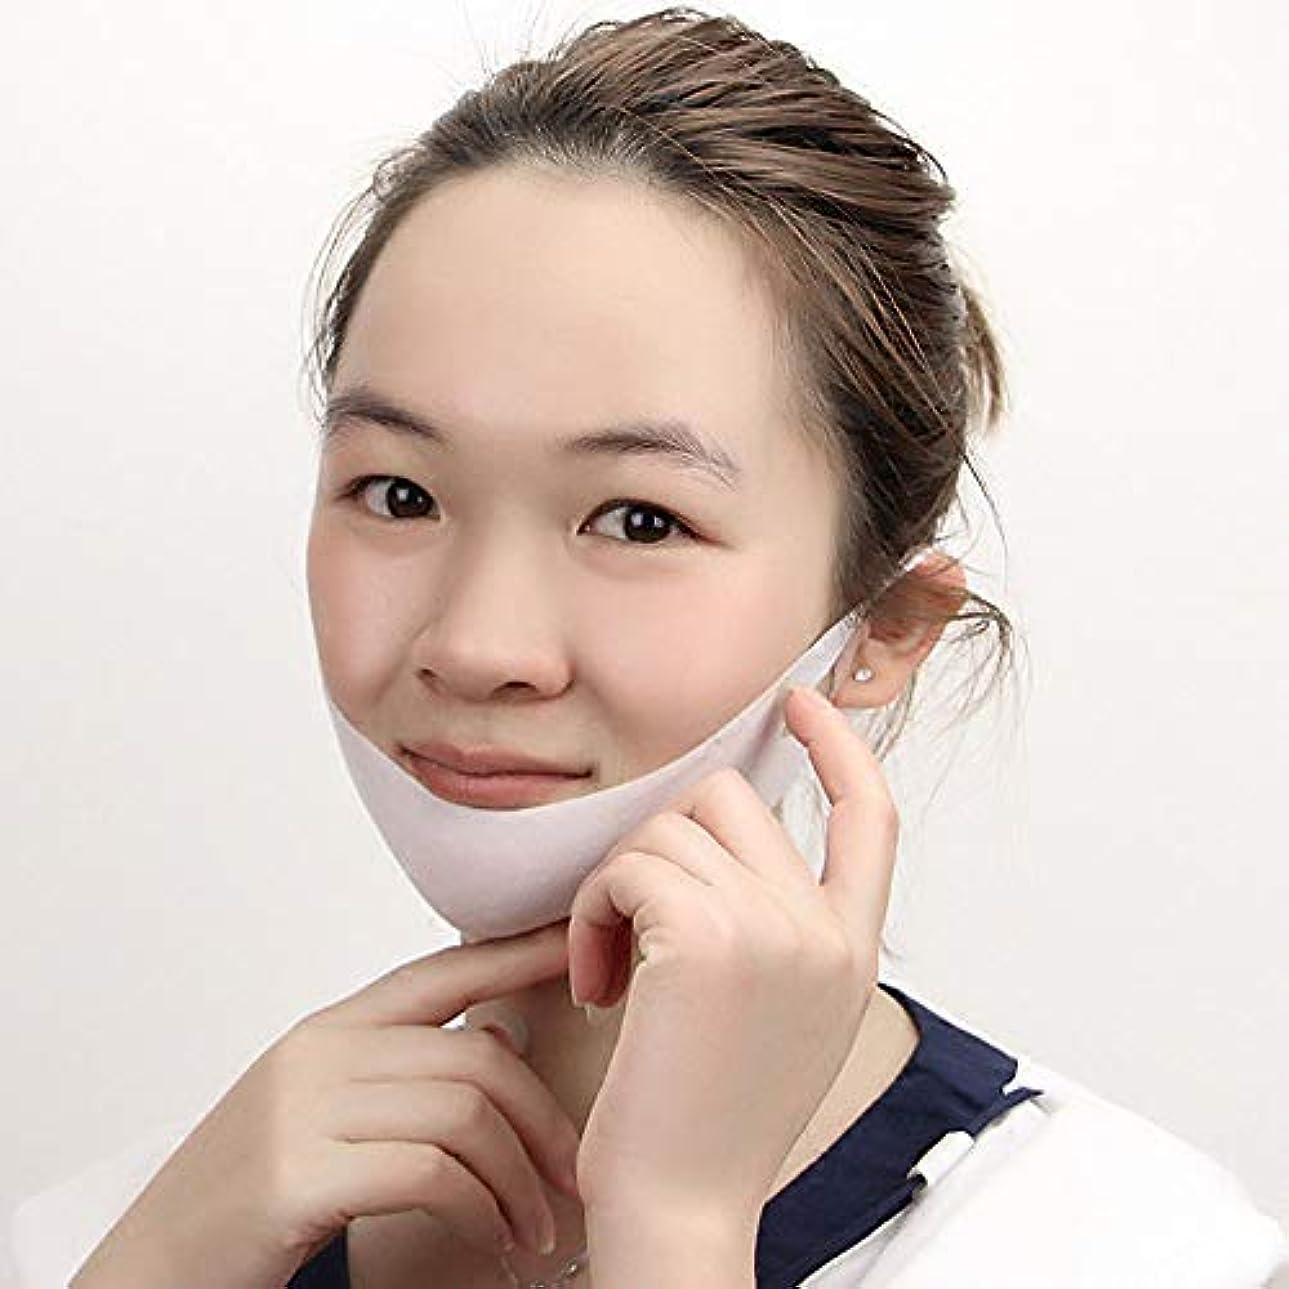 予防接種申し立てる世界の窓フェイスリフティングアーティファクト、リフティングファーミング付きVフェイスマスク/二重あご/睡眠マスク/フェイスリフティング包帯